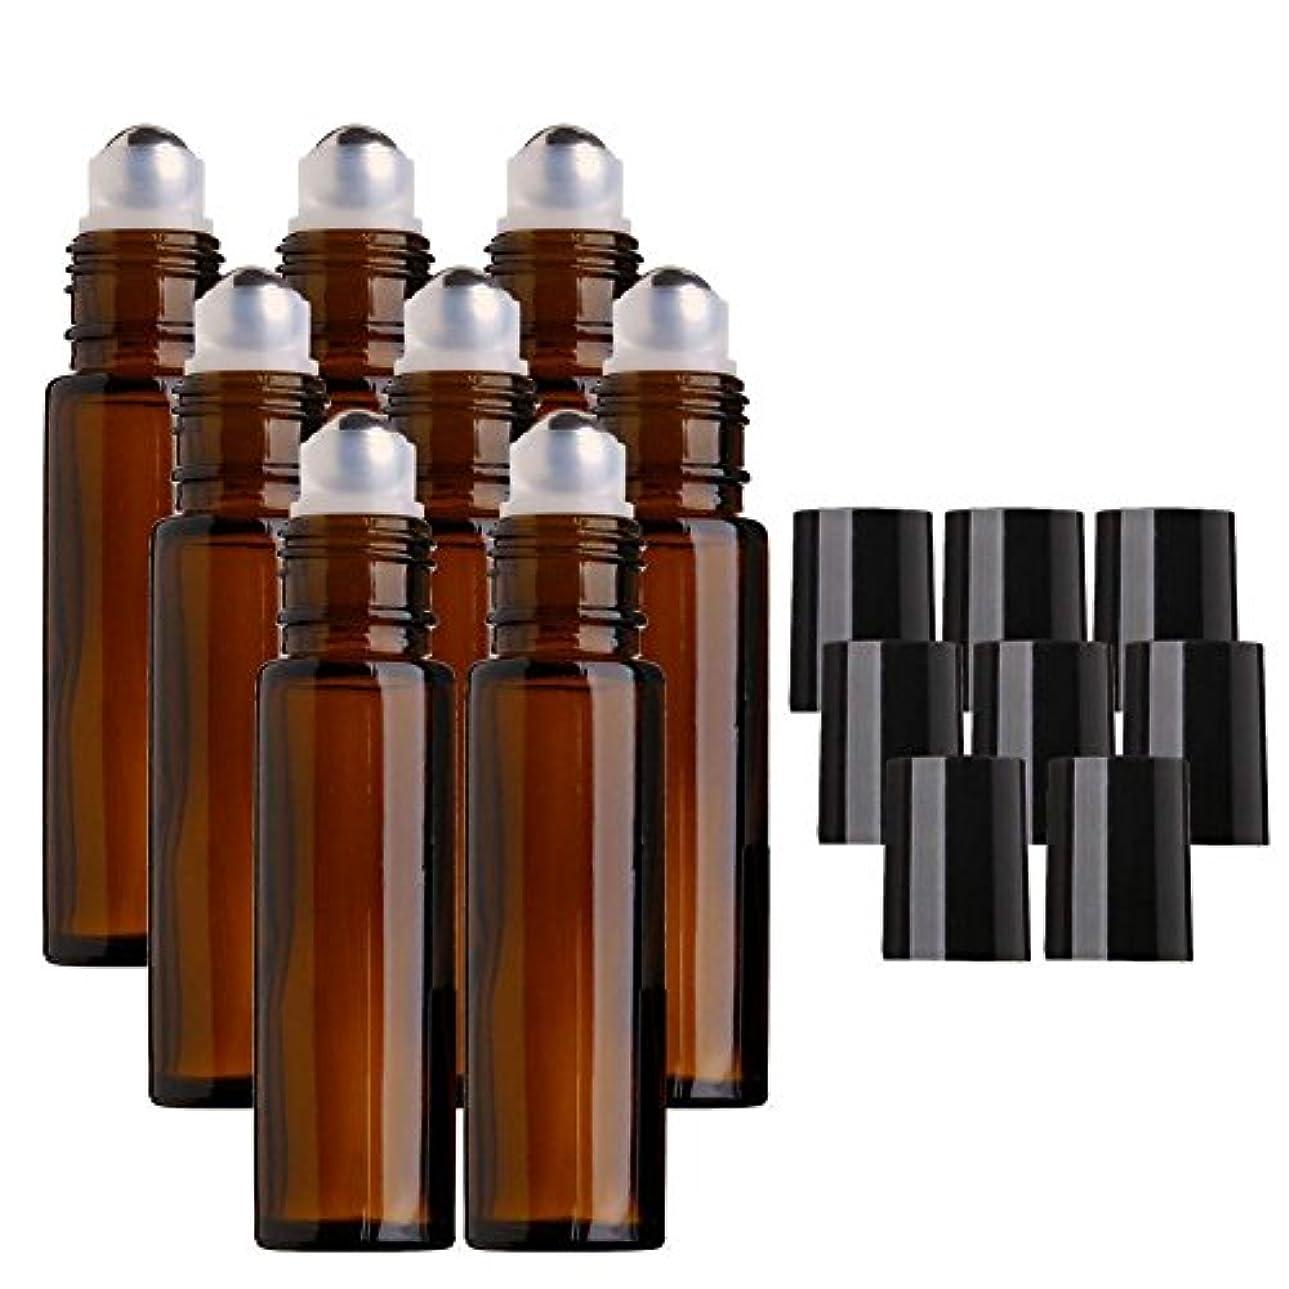 パレード蜜擁するDECAI 8個アロマボトル、アロマ保存容器、ガラス瓶、ガラスびん、エッセンシャルオイルボトル、ステンレススチール製メタルボール付き10mlアンバーガラスローラーボトル、エッセンシャルオイル、アロマテラピー香水、液体用ローラーボールボトル...